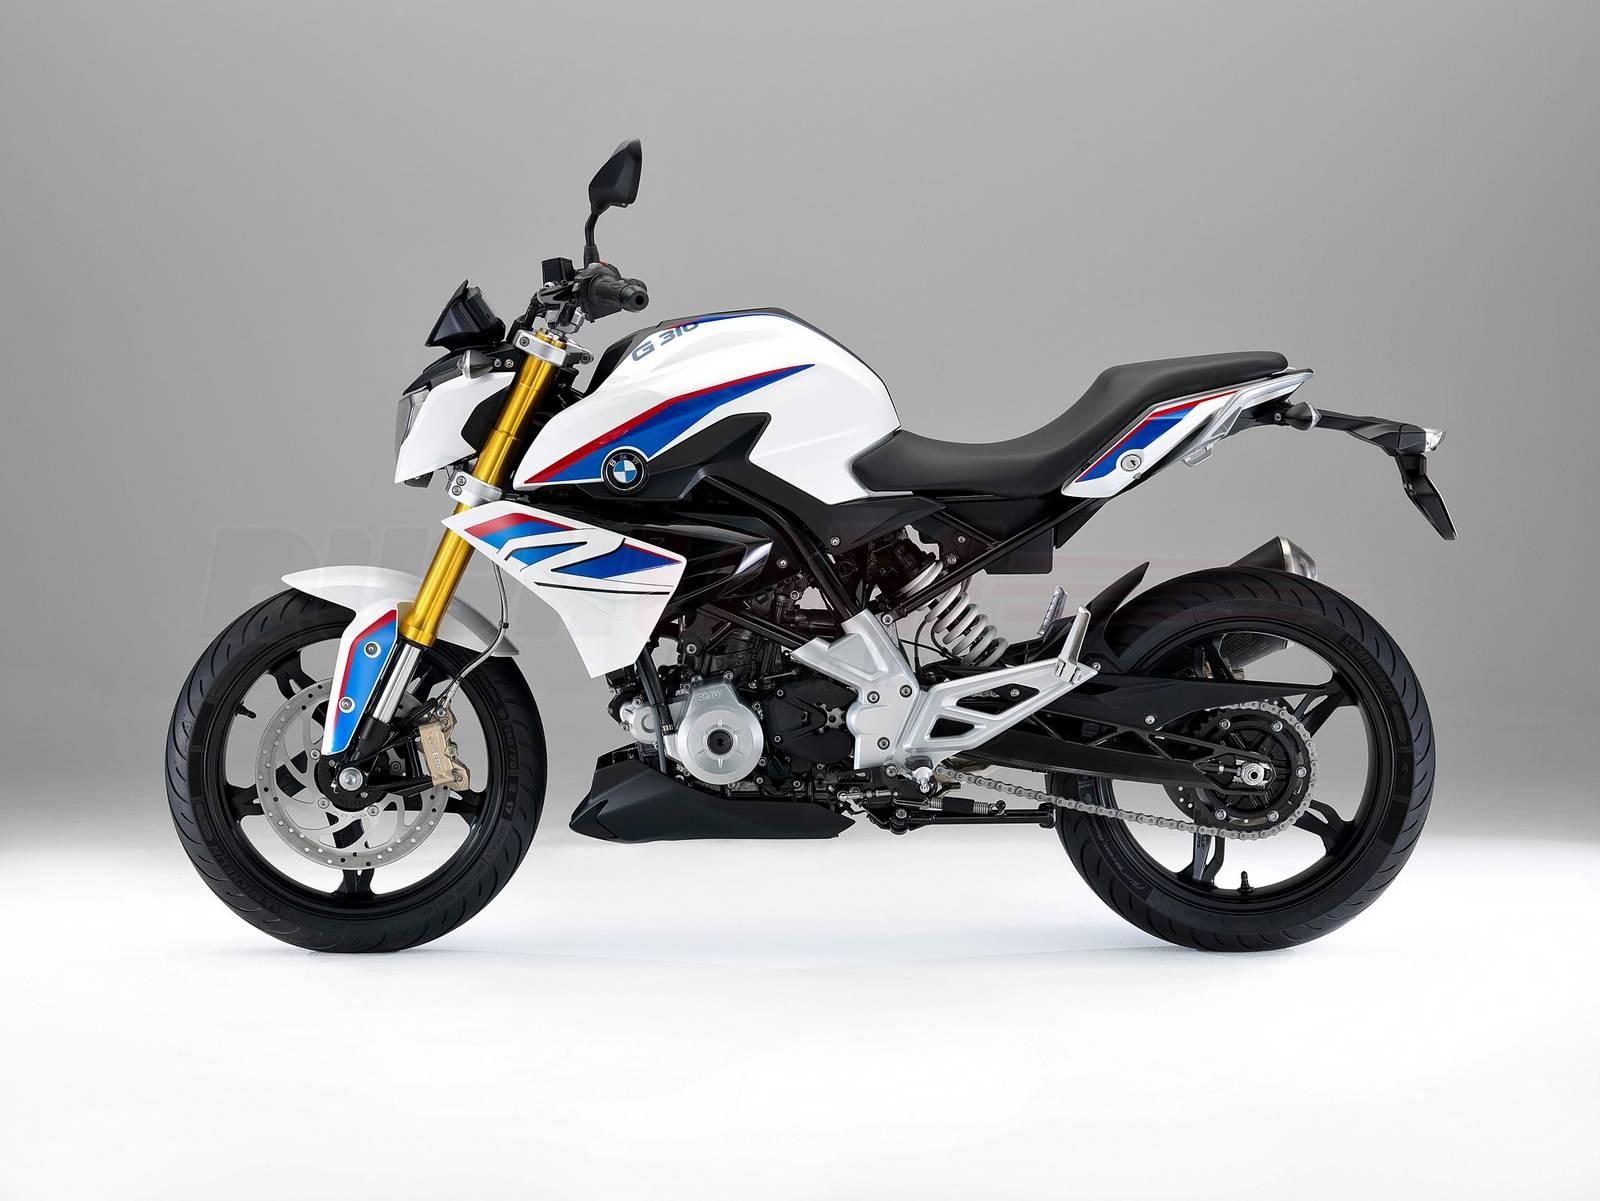 ... lovechild, the G310R breaks cover; Bajaj-KTM should be apprehensive